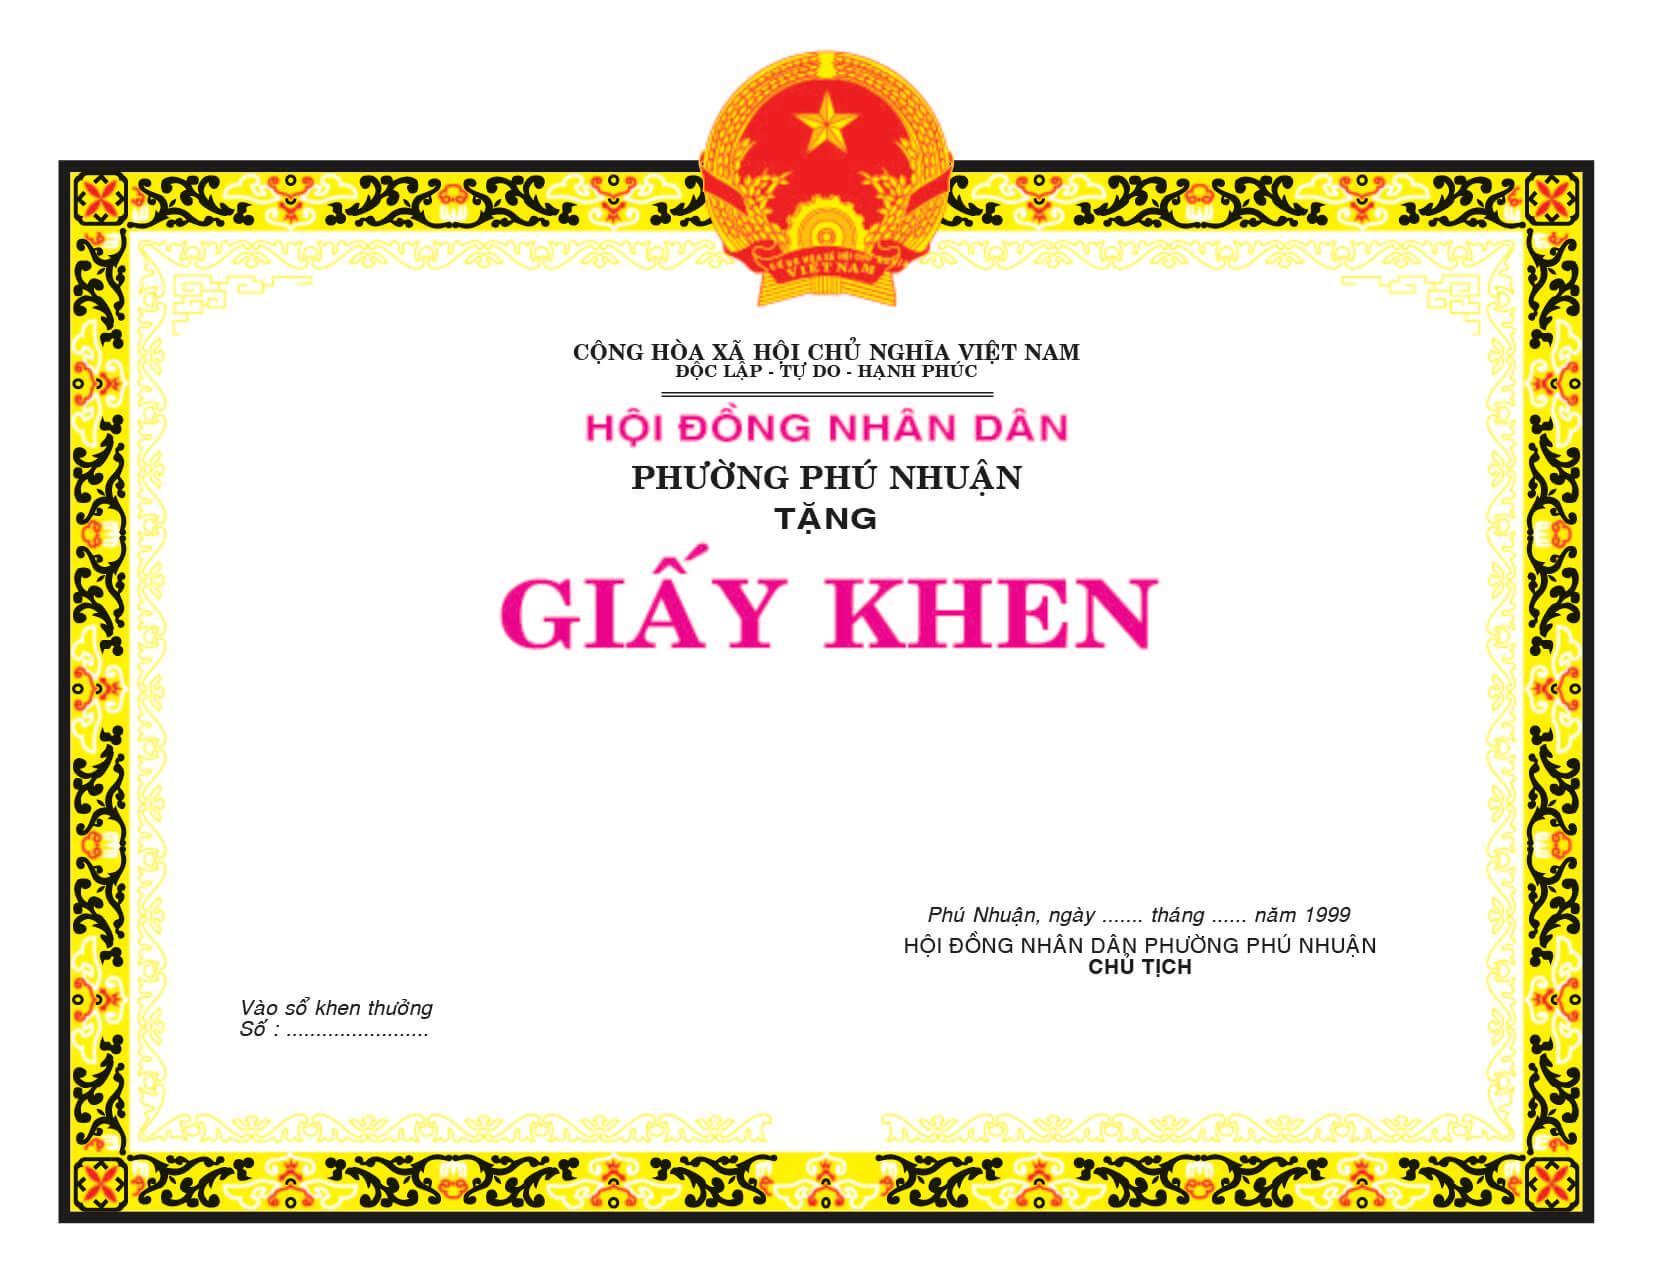 Mẫu giấy khen 034 - Mẫu giấy khen hội đồng nhân dân - link download : https://adsnew.net/8Q1lUlUP